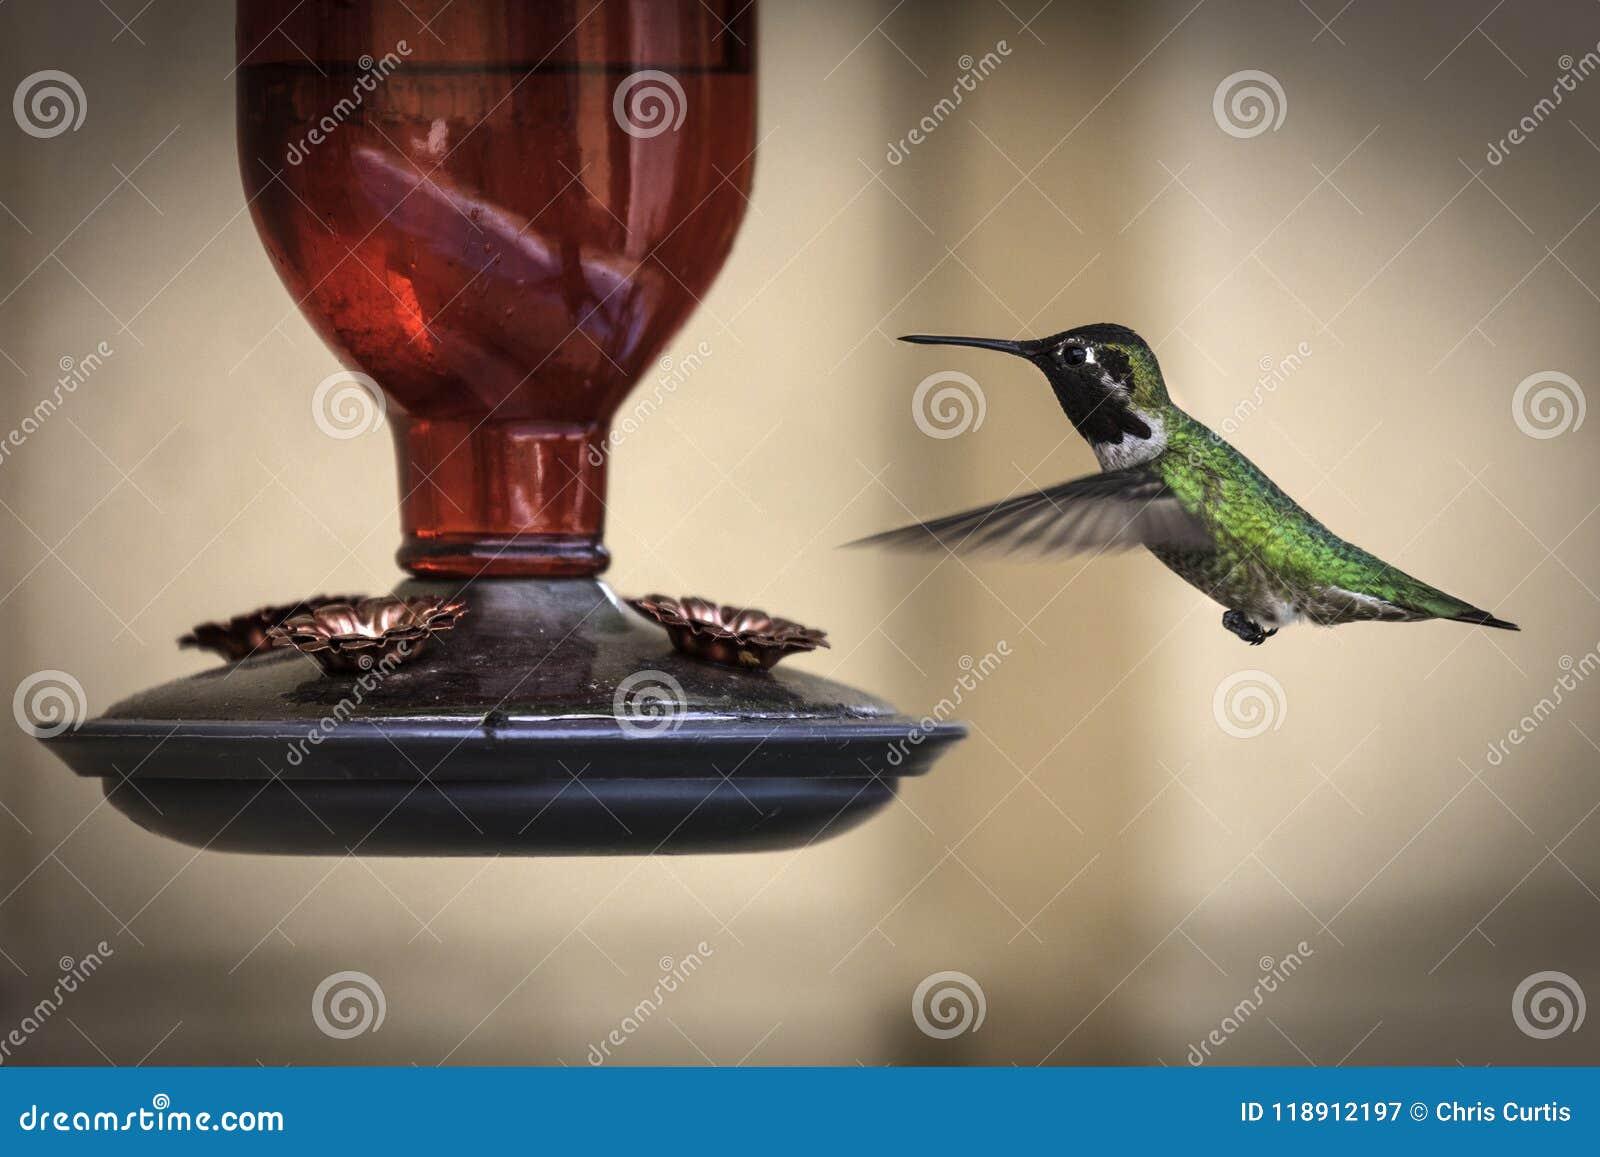 Мужской обширный замкнутый колибри сфотографированный на фидере